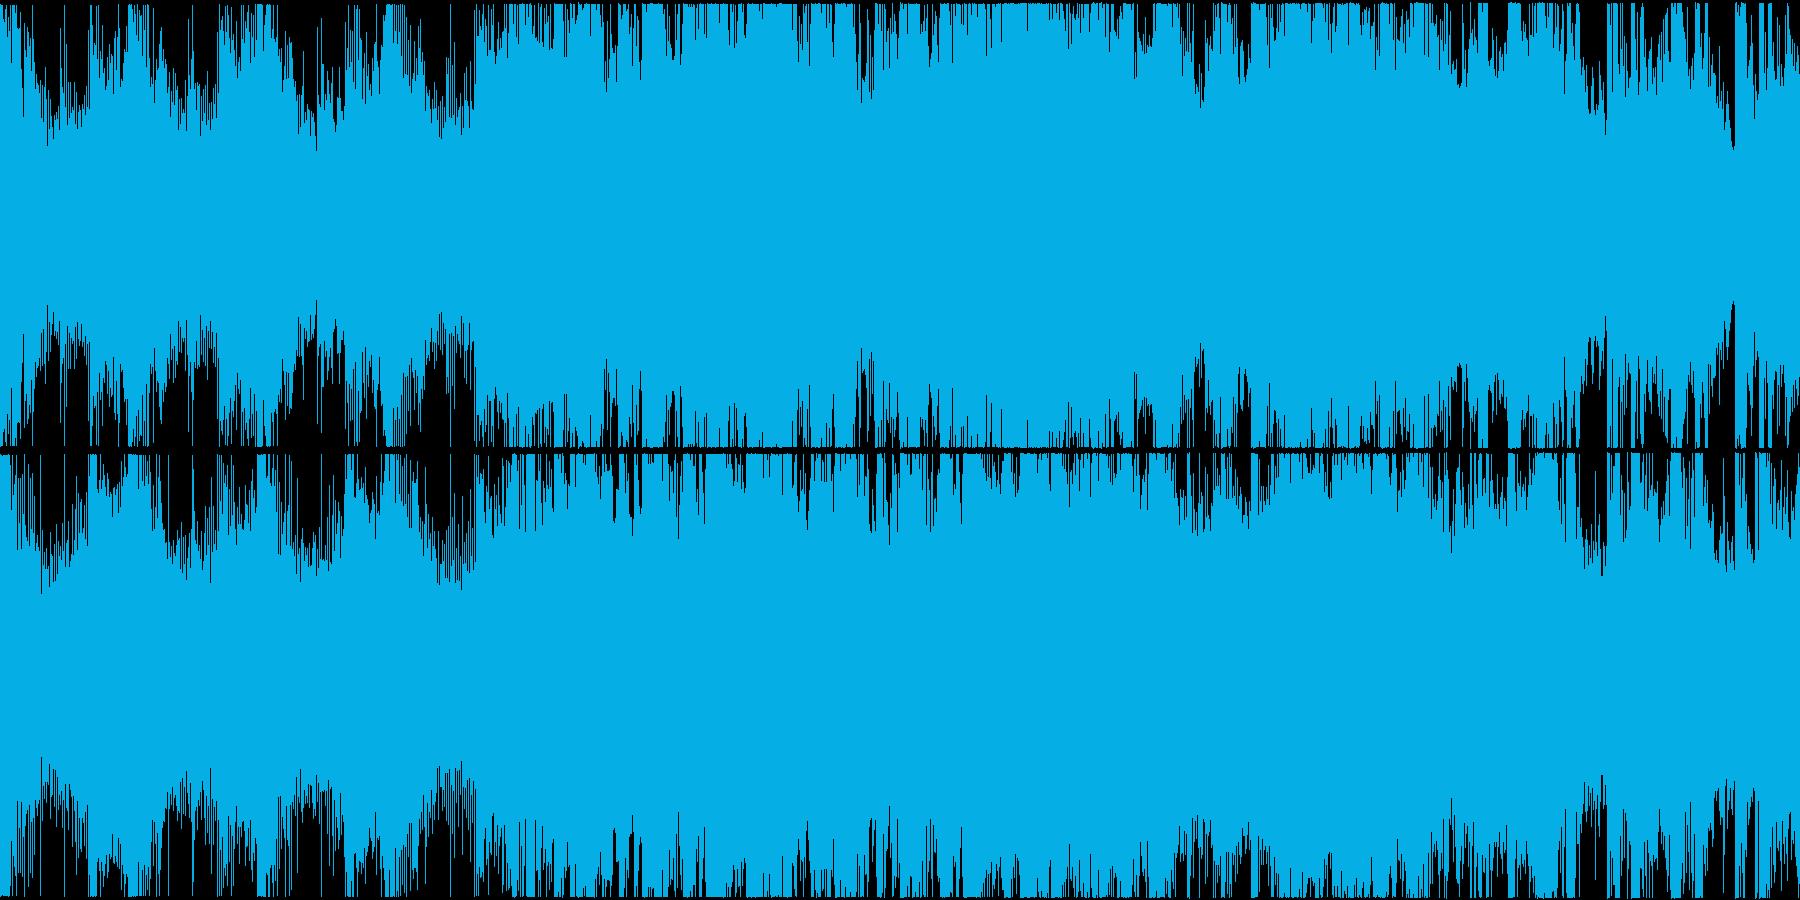 緊迫感のある闇を感じさせる楽曲ループの再生済みの波形